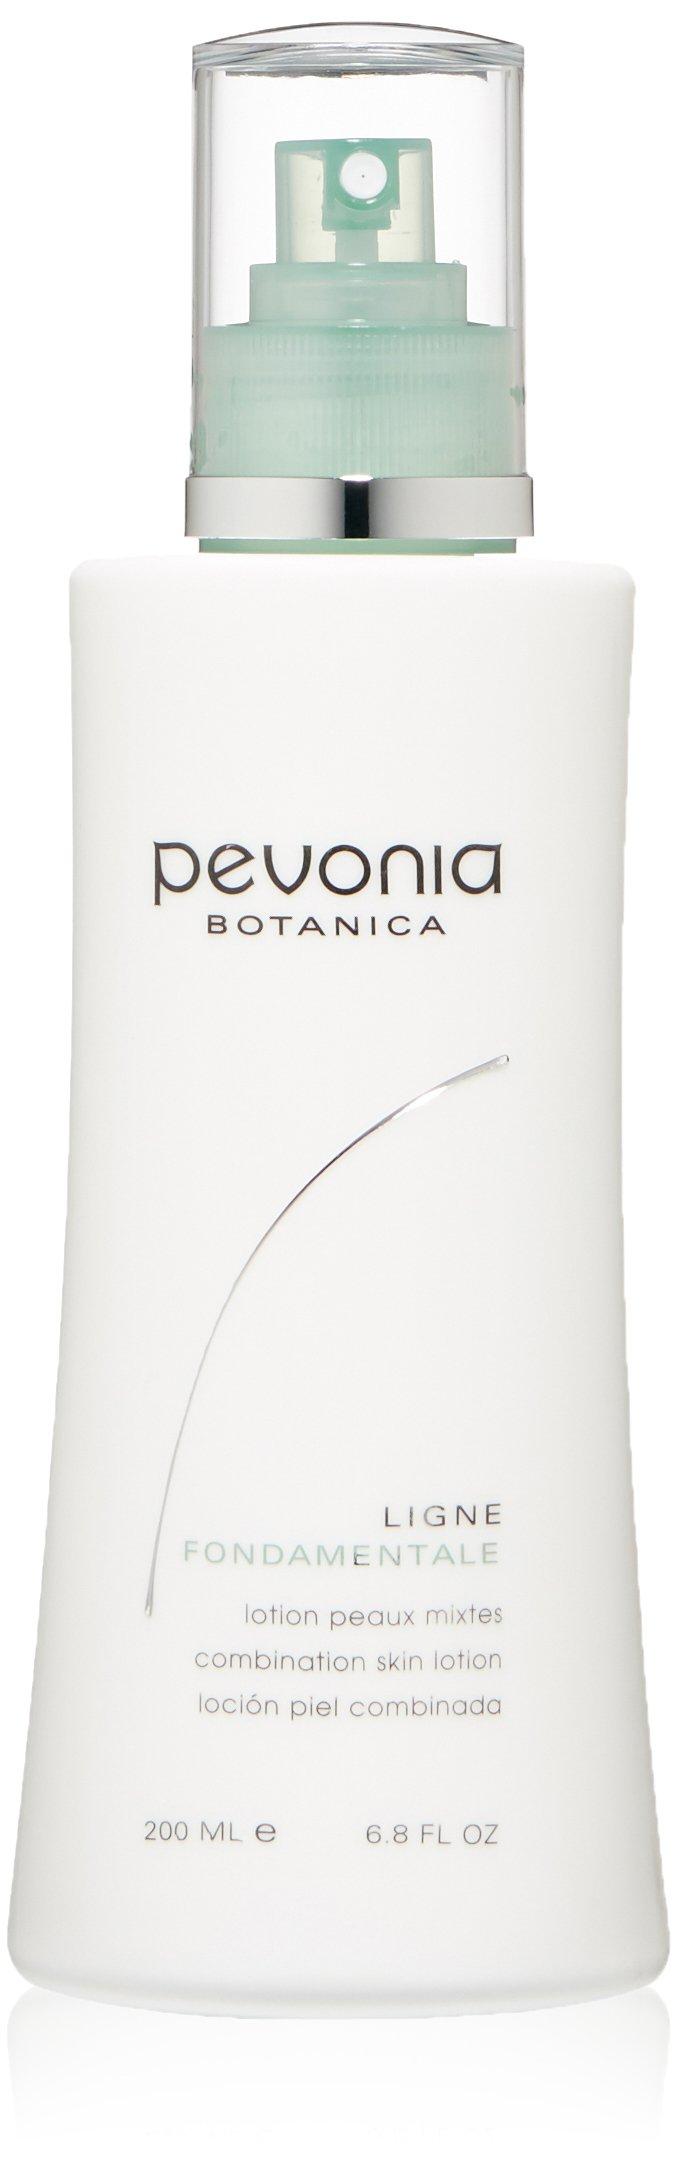 Amazon Pevonia Eye Makeup Remover Lotion 68 Fl Oz Pevonia